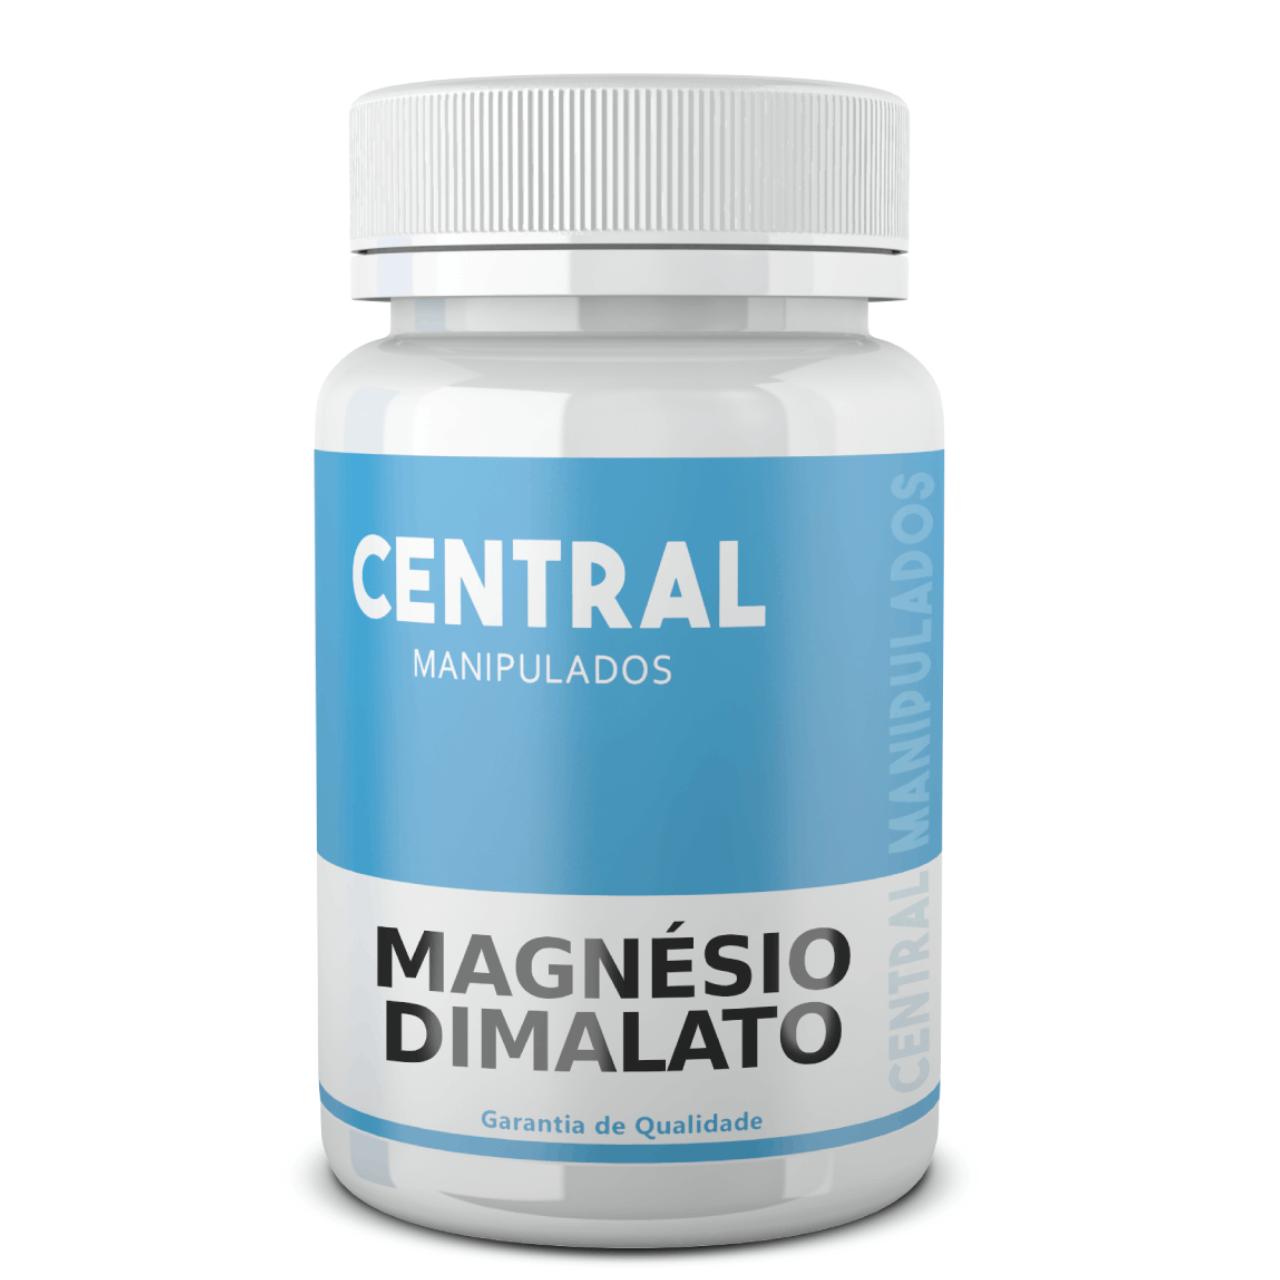 Magnésio dimalato 500mg - 120 cápsulas - Melhora fraqueza muscular, dores e espasmos, rápida recuperação muscular, Coadjuvante na fibromialgia